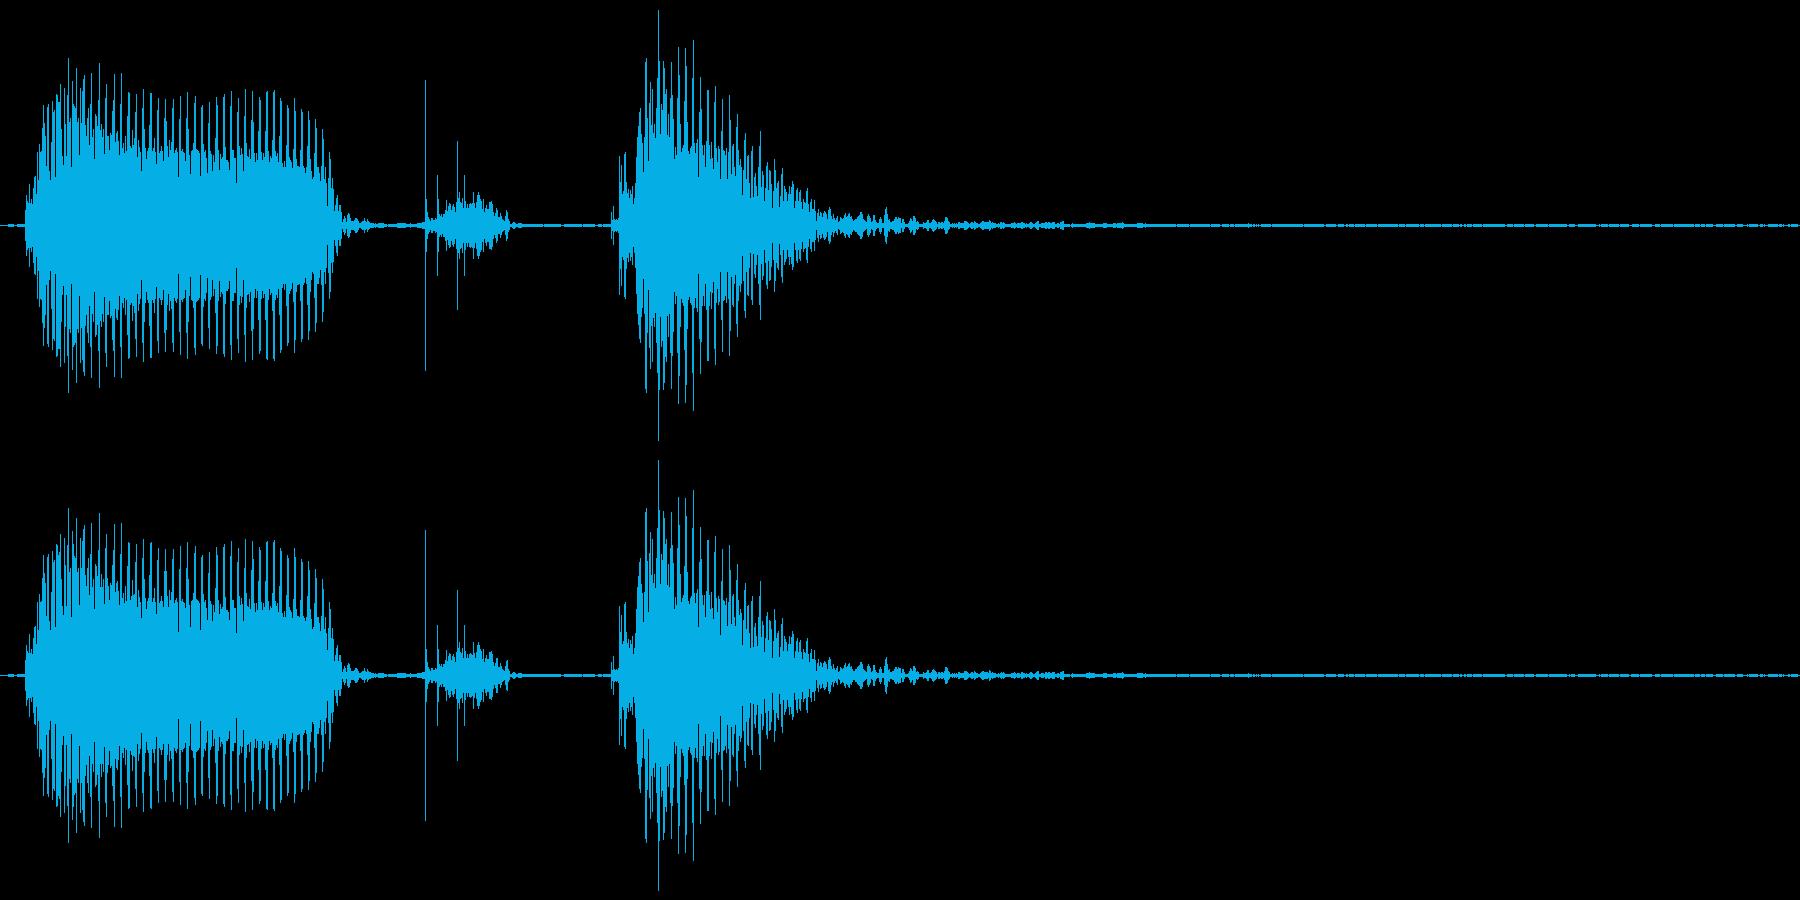 「起ーきてっ」の再生済みの波形